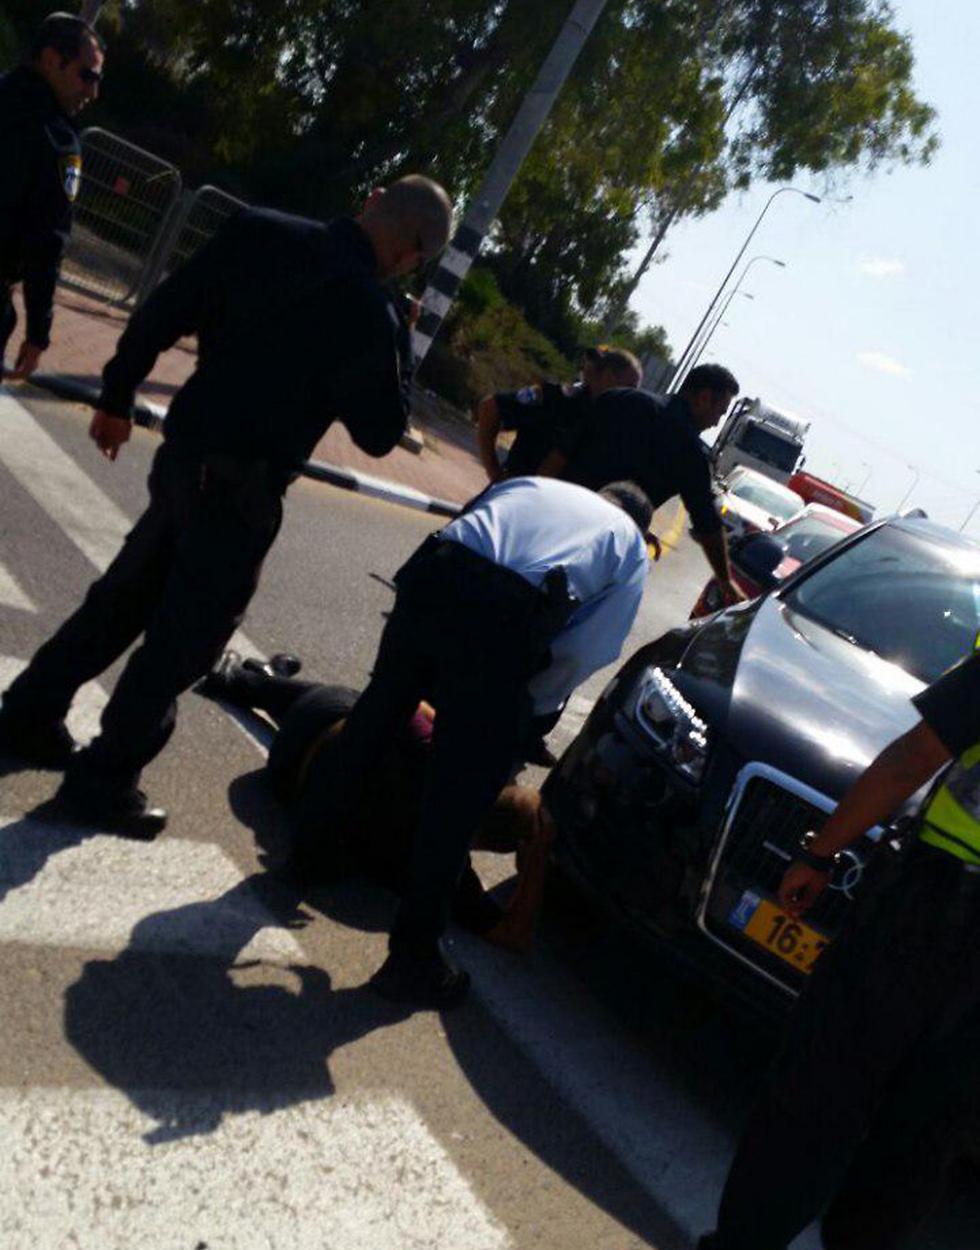 הנכים חוסמים את הכניסה הדרומית לאשדוד (צילום: דוברות המשטרה) (צילום: דוברות המשטרה)